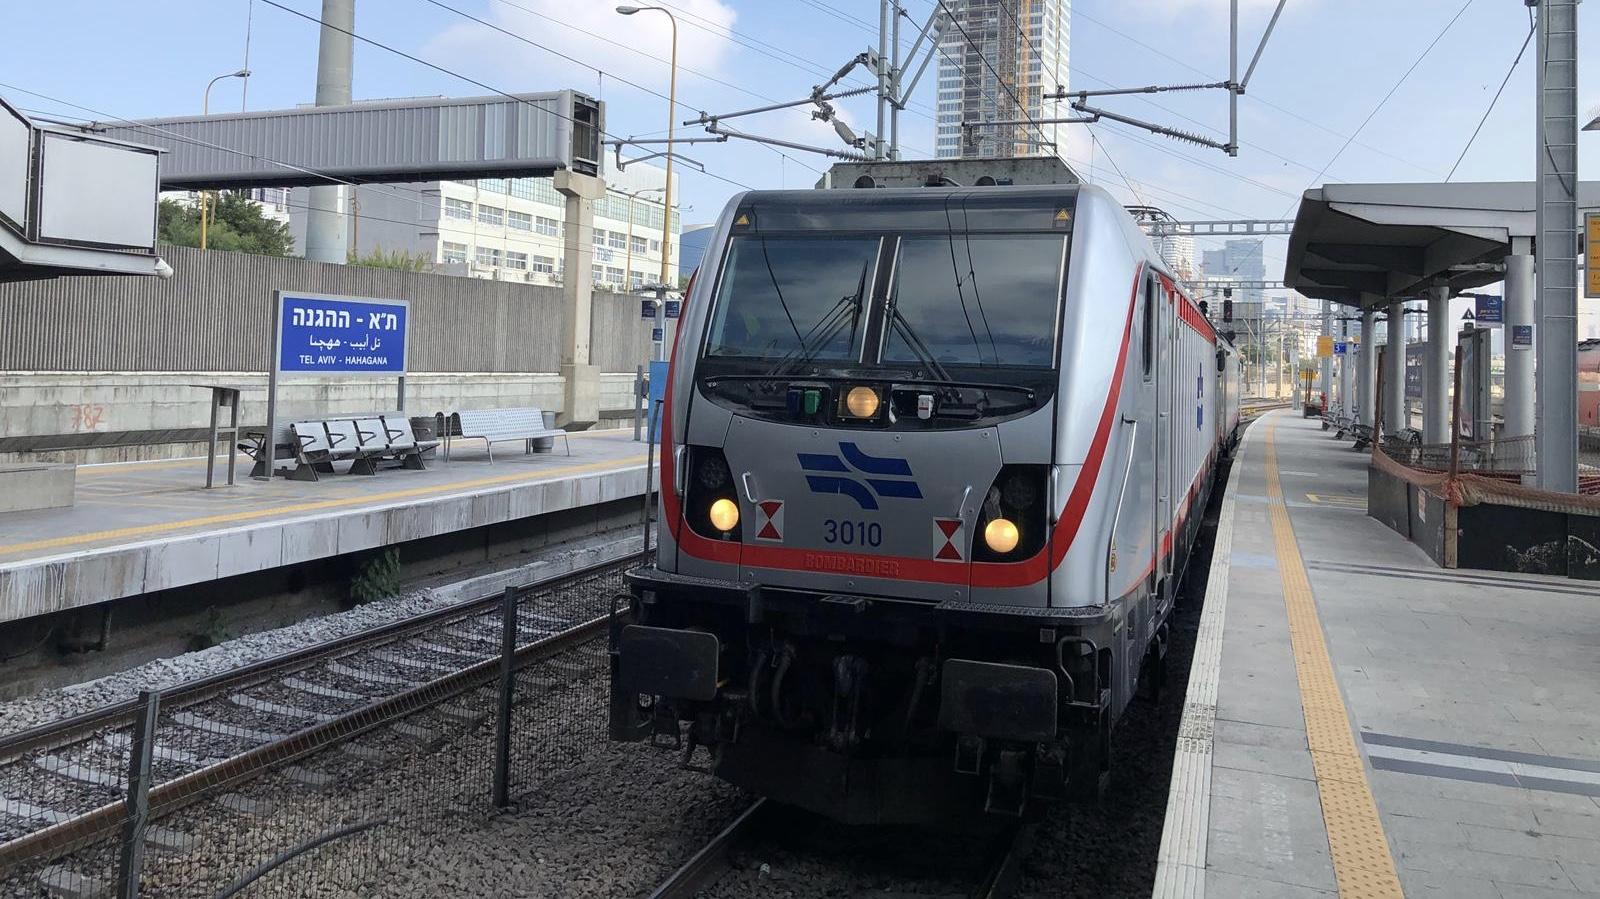 בהנחיית רגב ואדלשטיין: הרכבת תשוב לפעילות וקיבולת האוטובוסים תגדל